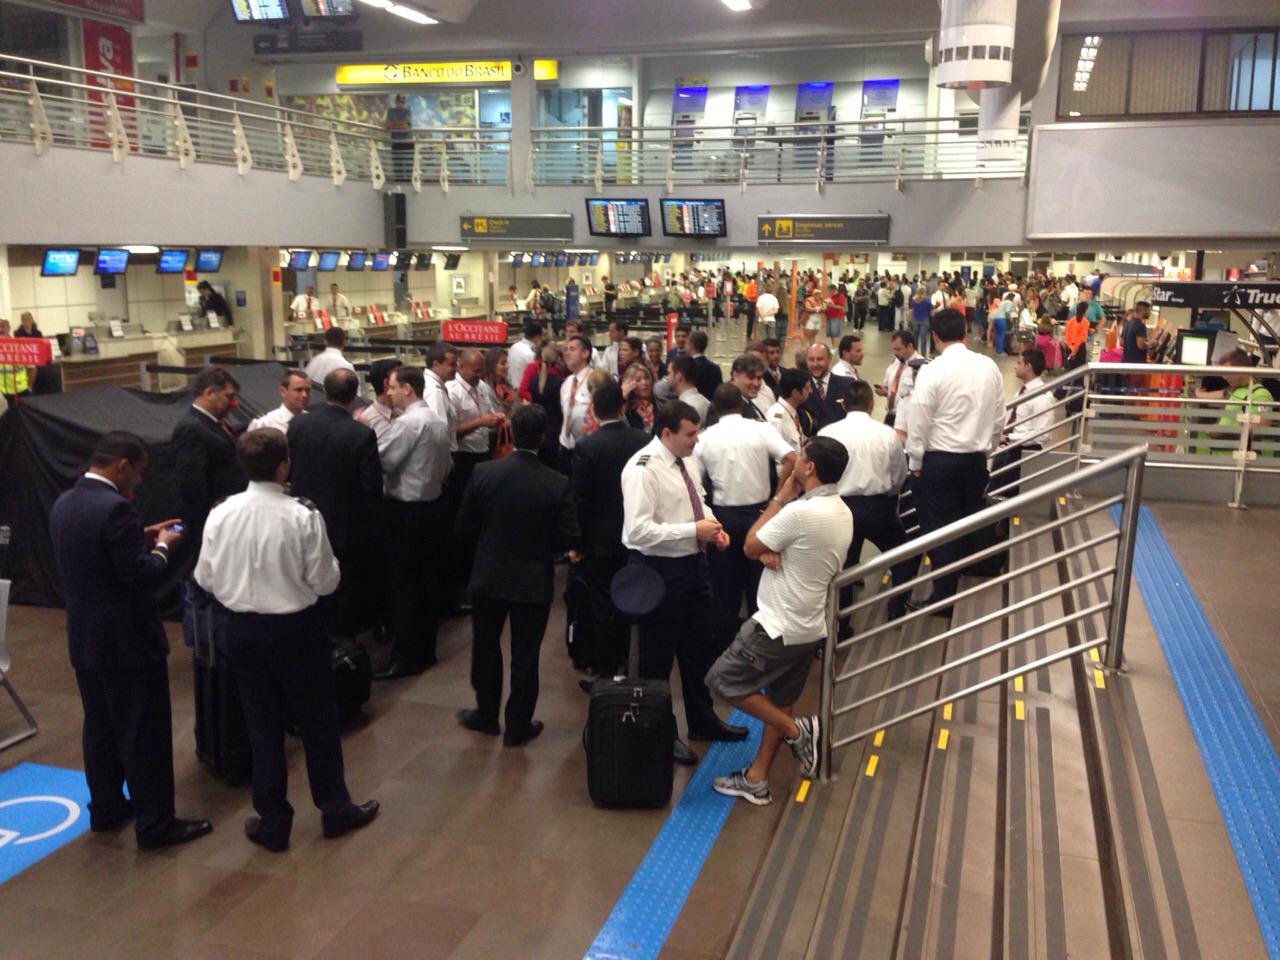 Aeroportos do país registram atrasos em dia de protesto - EBC